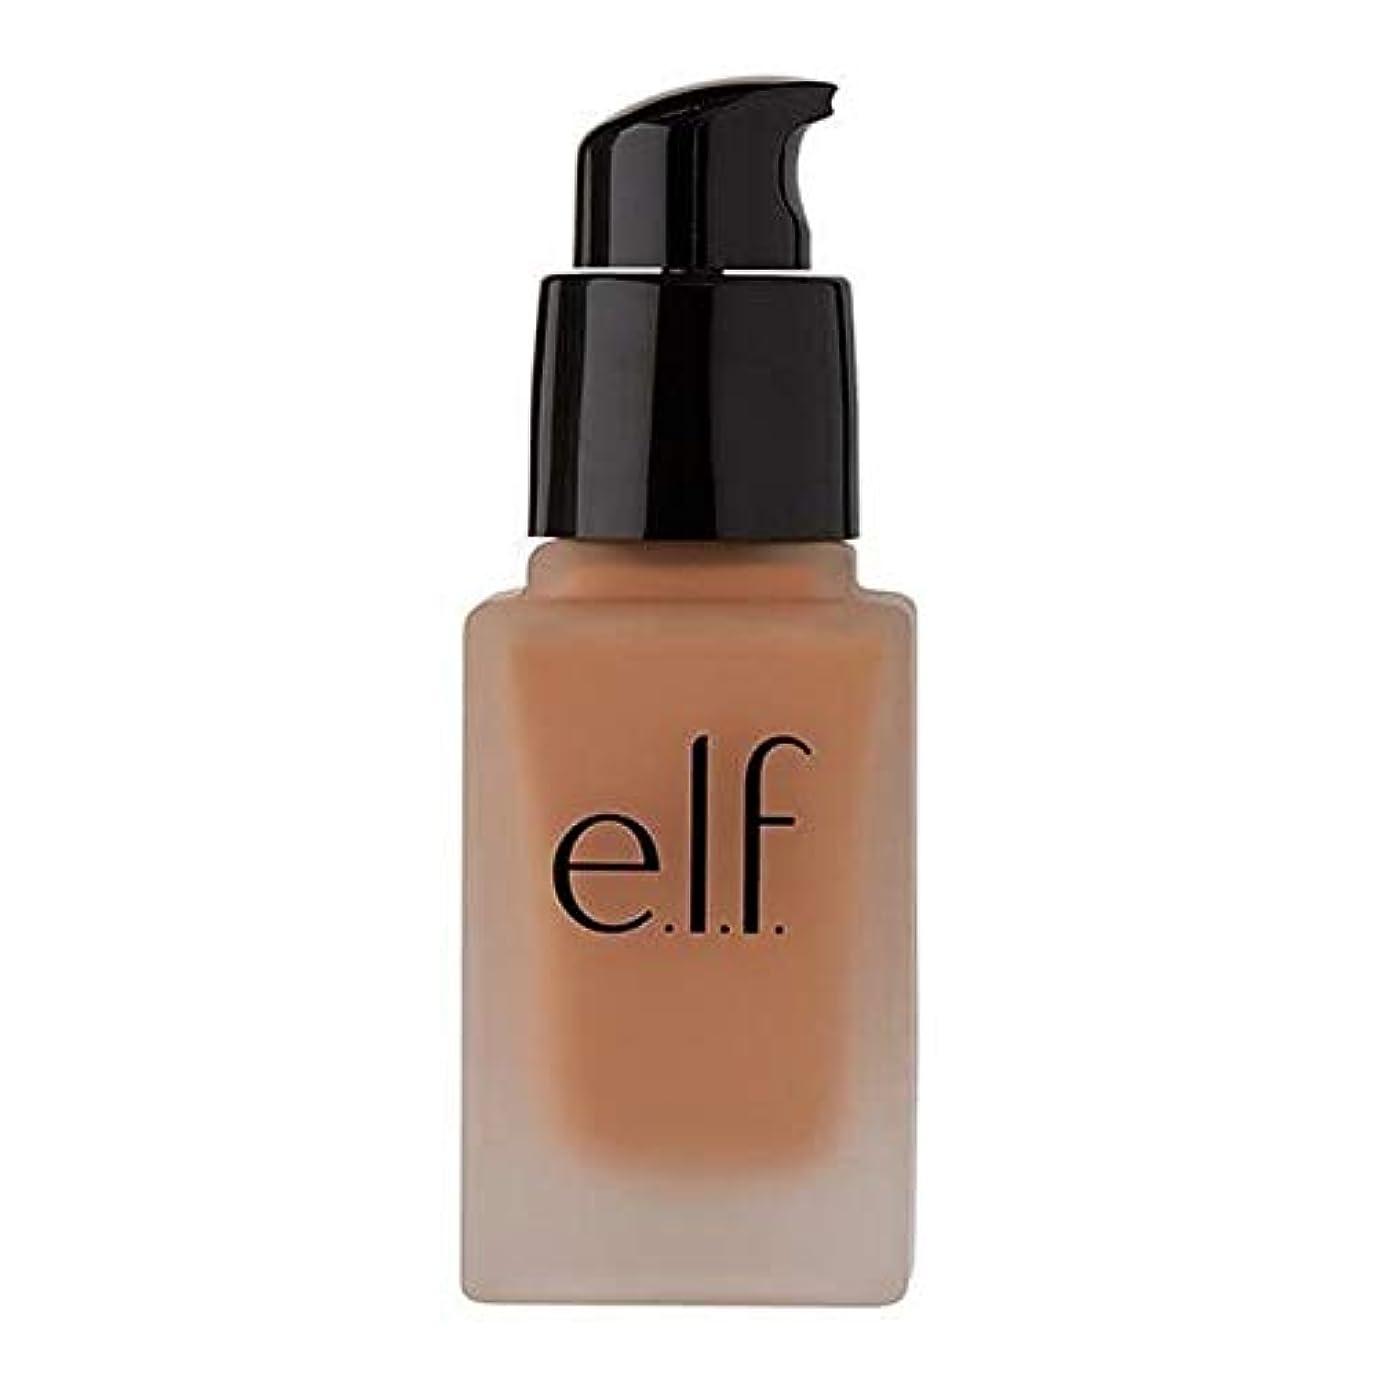 アーティファクトショット余計な[Elf ] エルフ。完璧な仕上がりのファンデーションSpf 15キャラメル - e.l.f. Flawless Finish Foundation SPF 15 Caramel [並行輸入品]